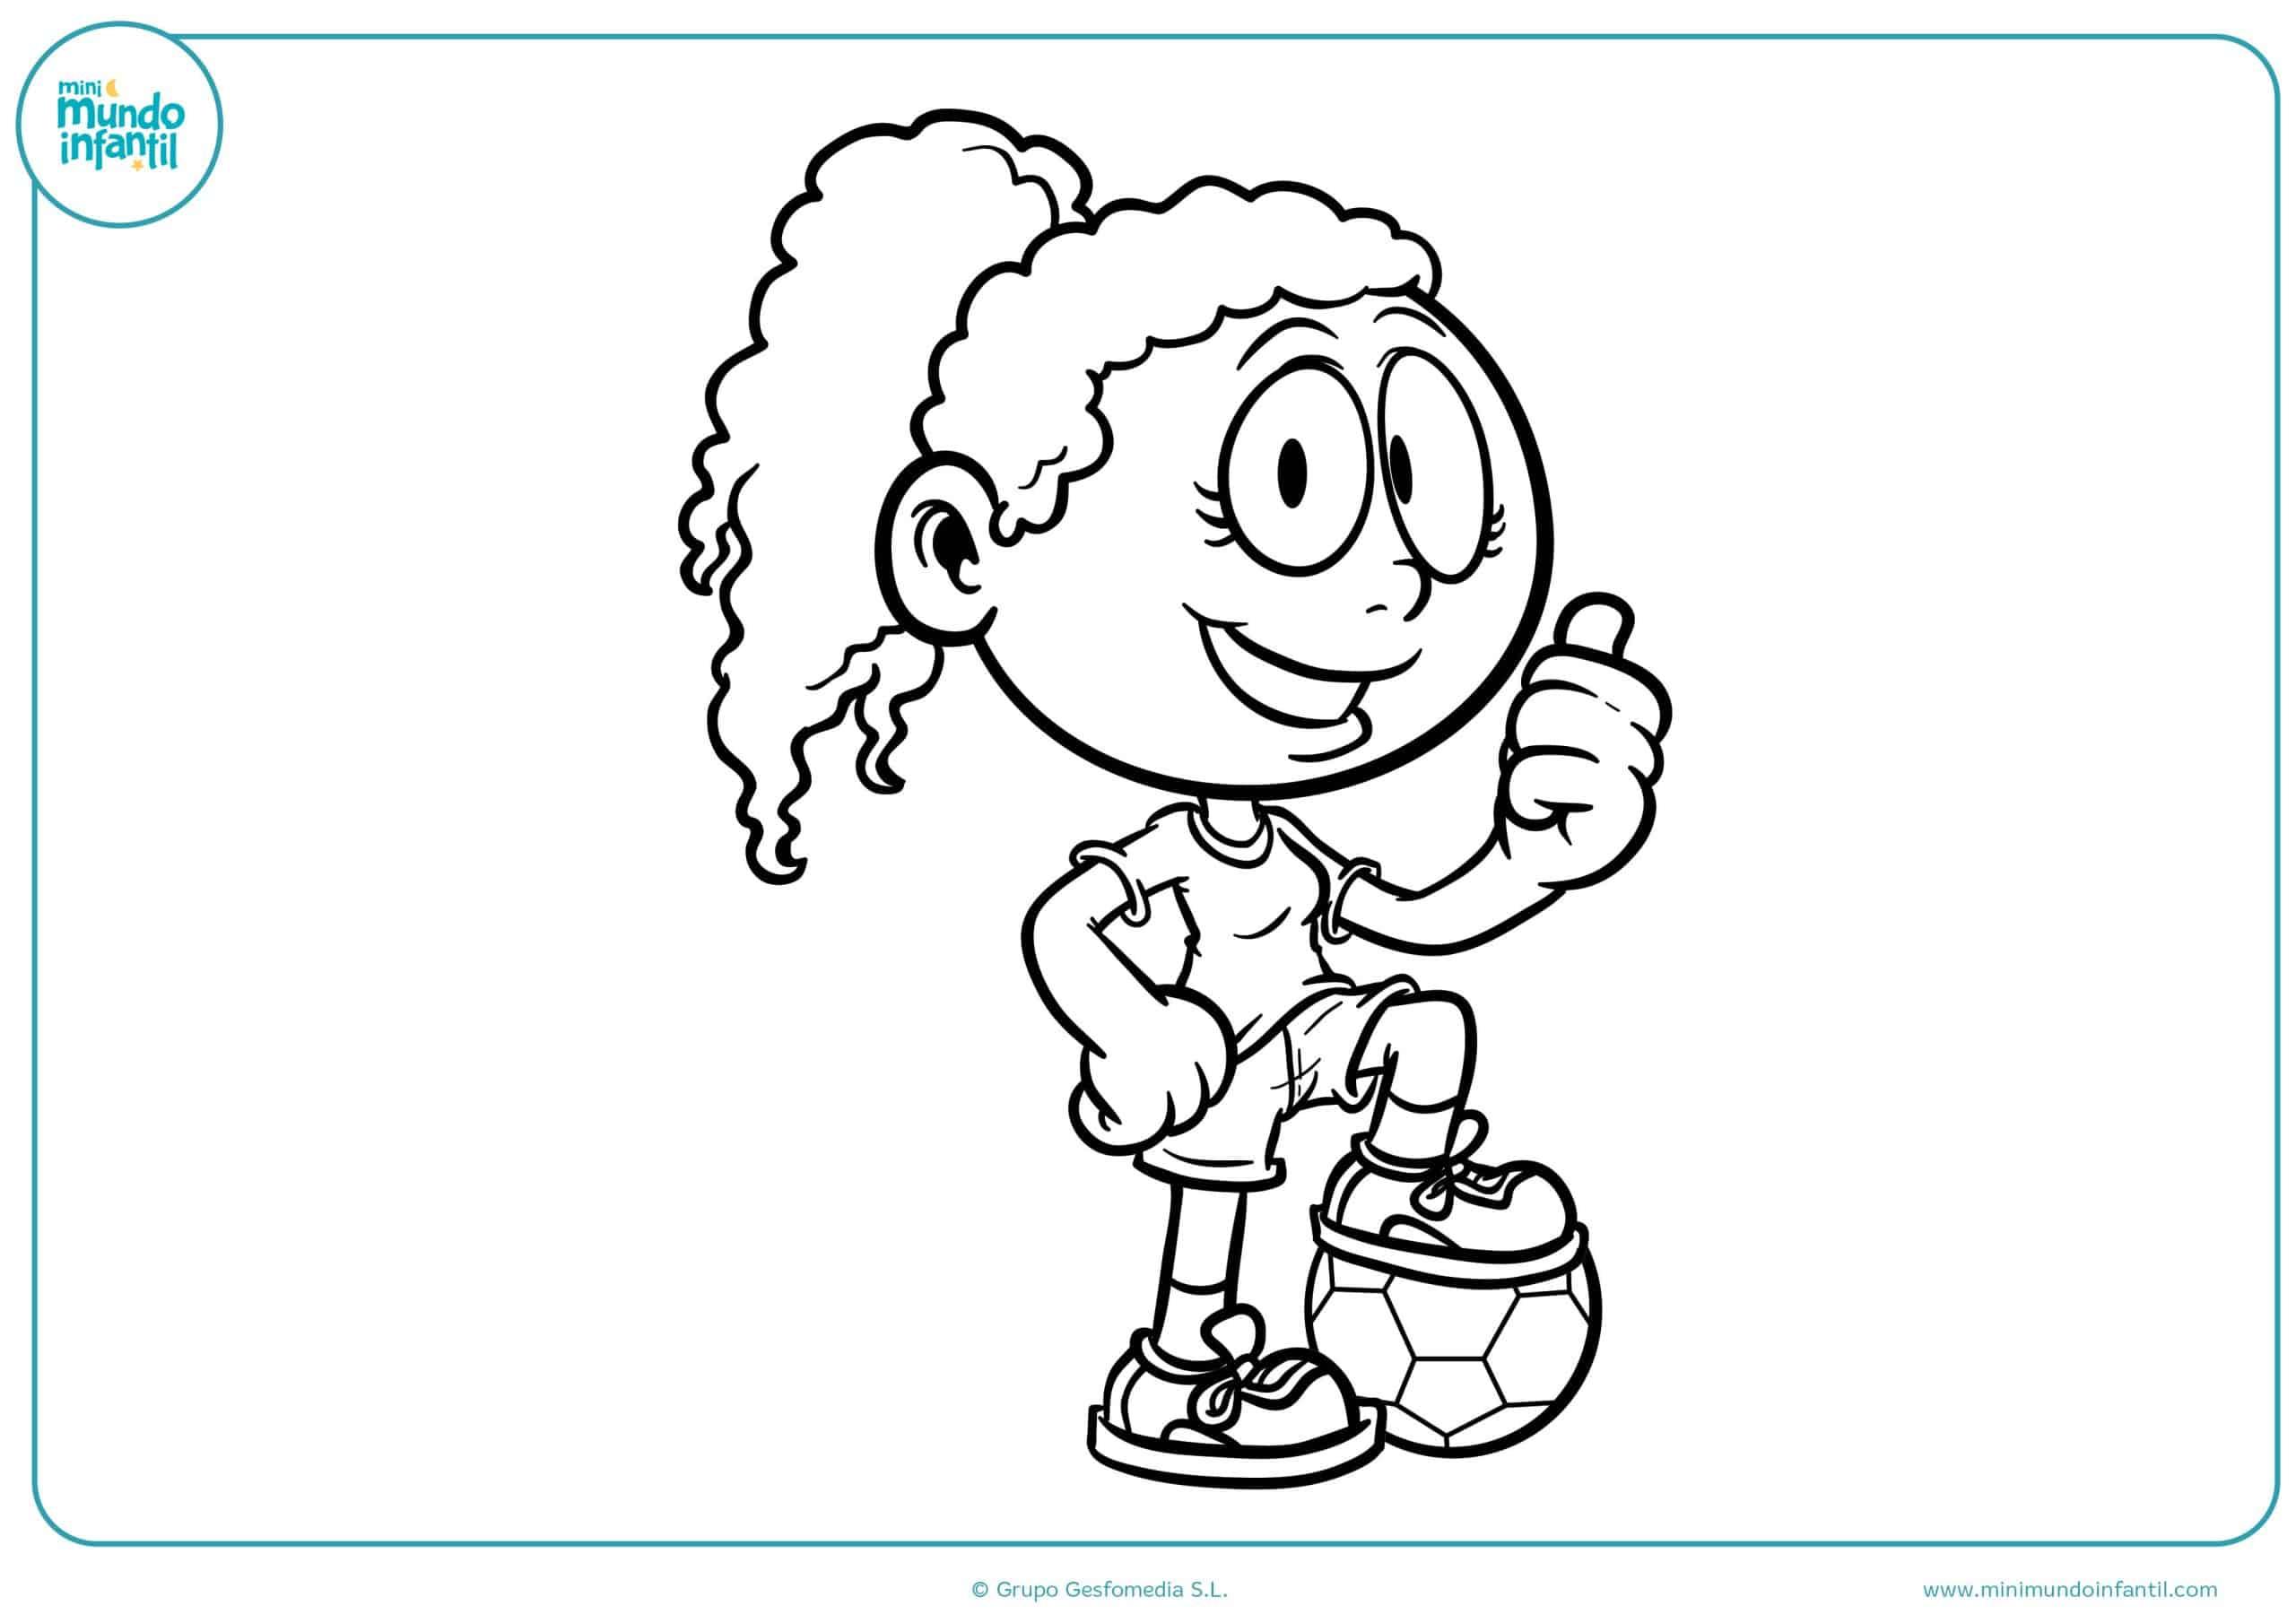 Dibujo Para Colorear De Niñas: Los Mejores Dibujos De Fútbol Para Colorear E Imprimir